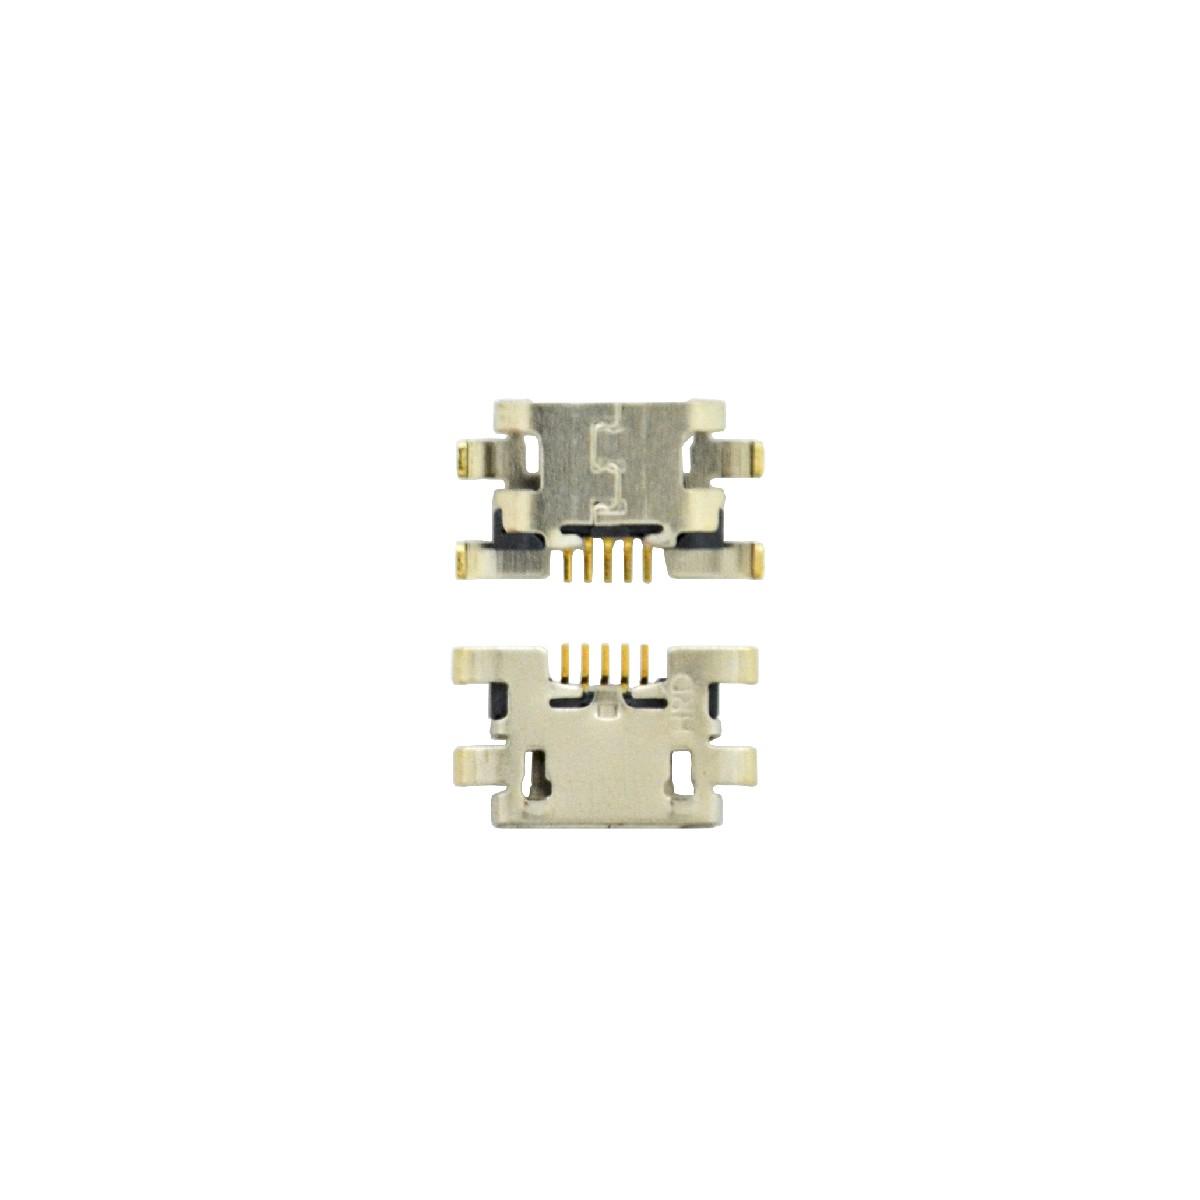 Επαφή Φόρτισης Universal Micro Usb 5-pin για Tablet, Κινητά (1cm x 0.5cm)